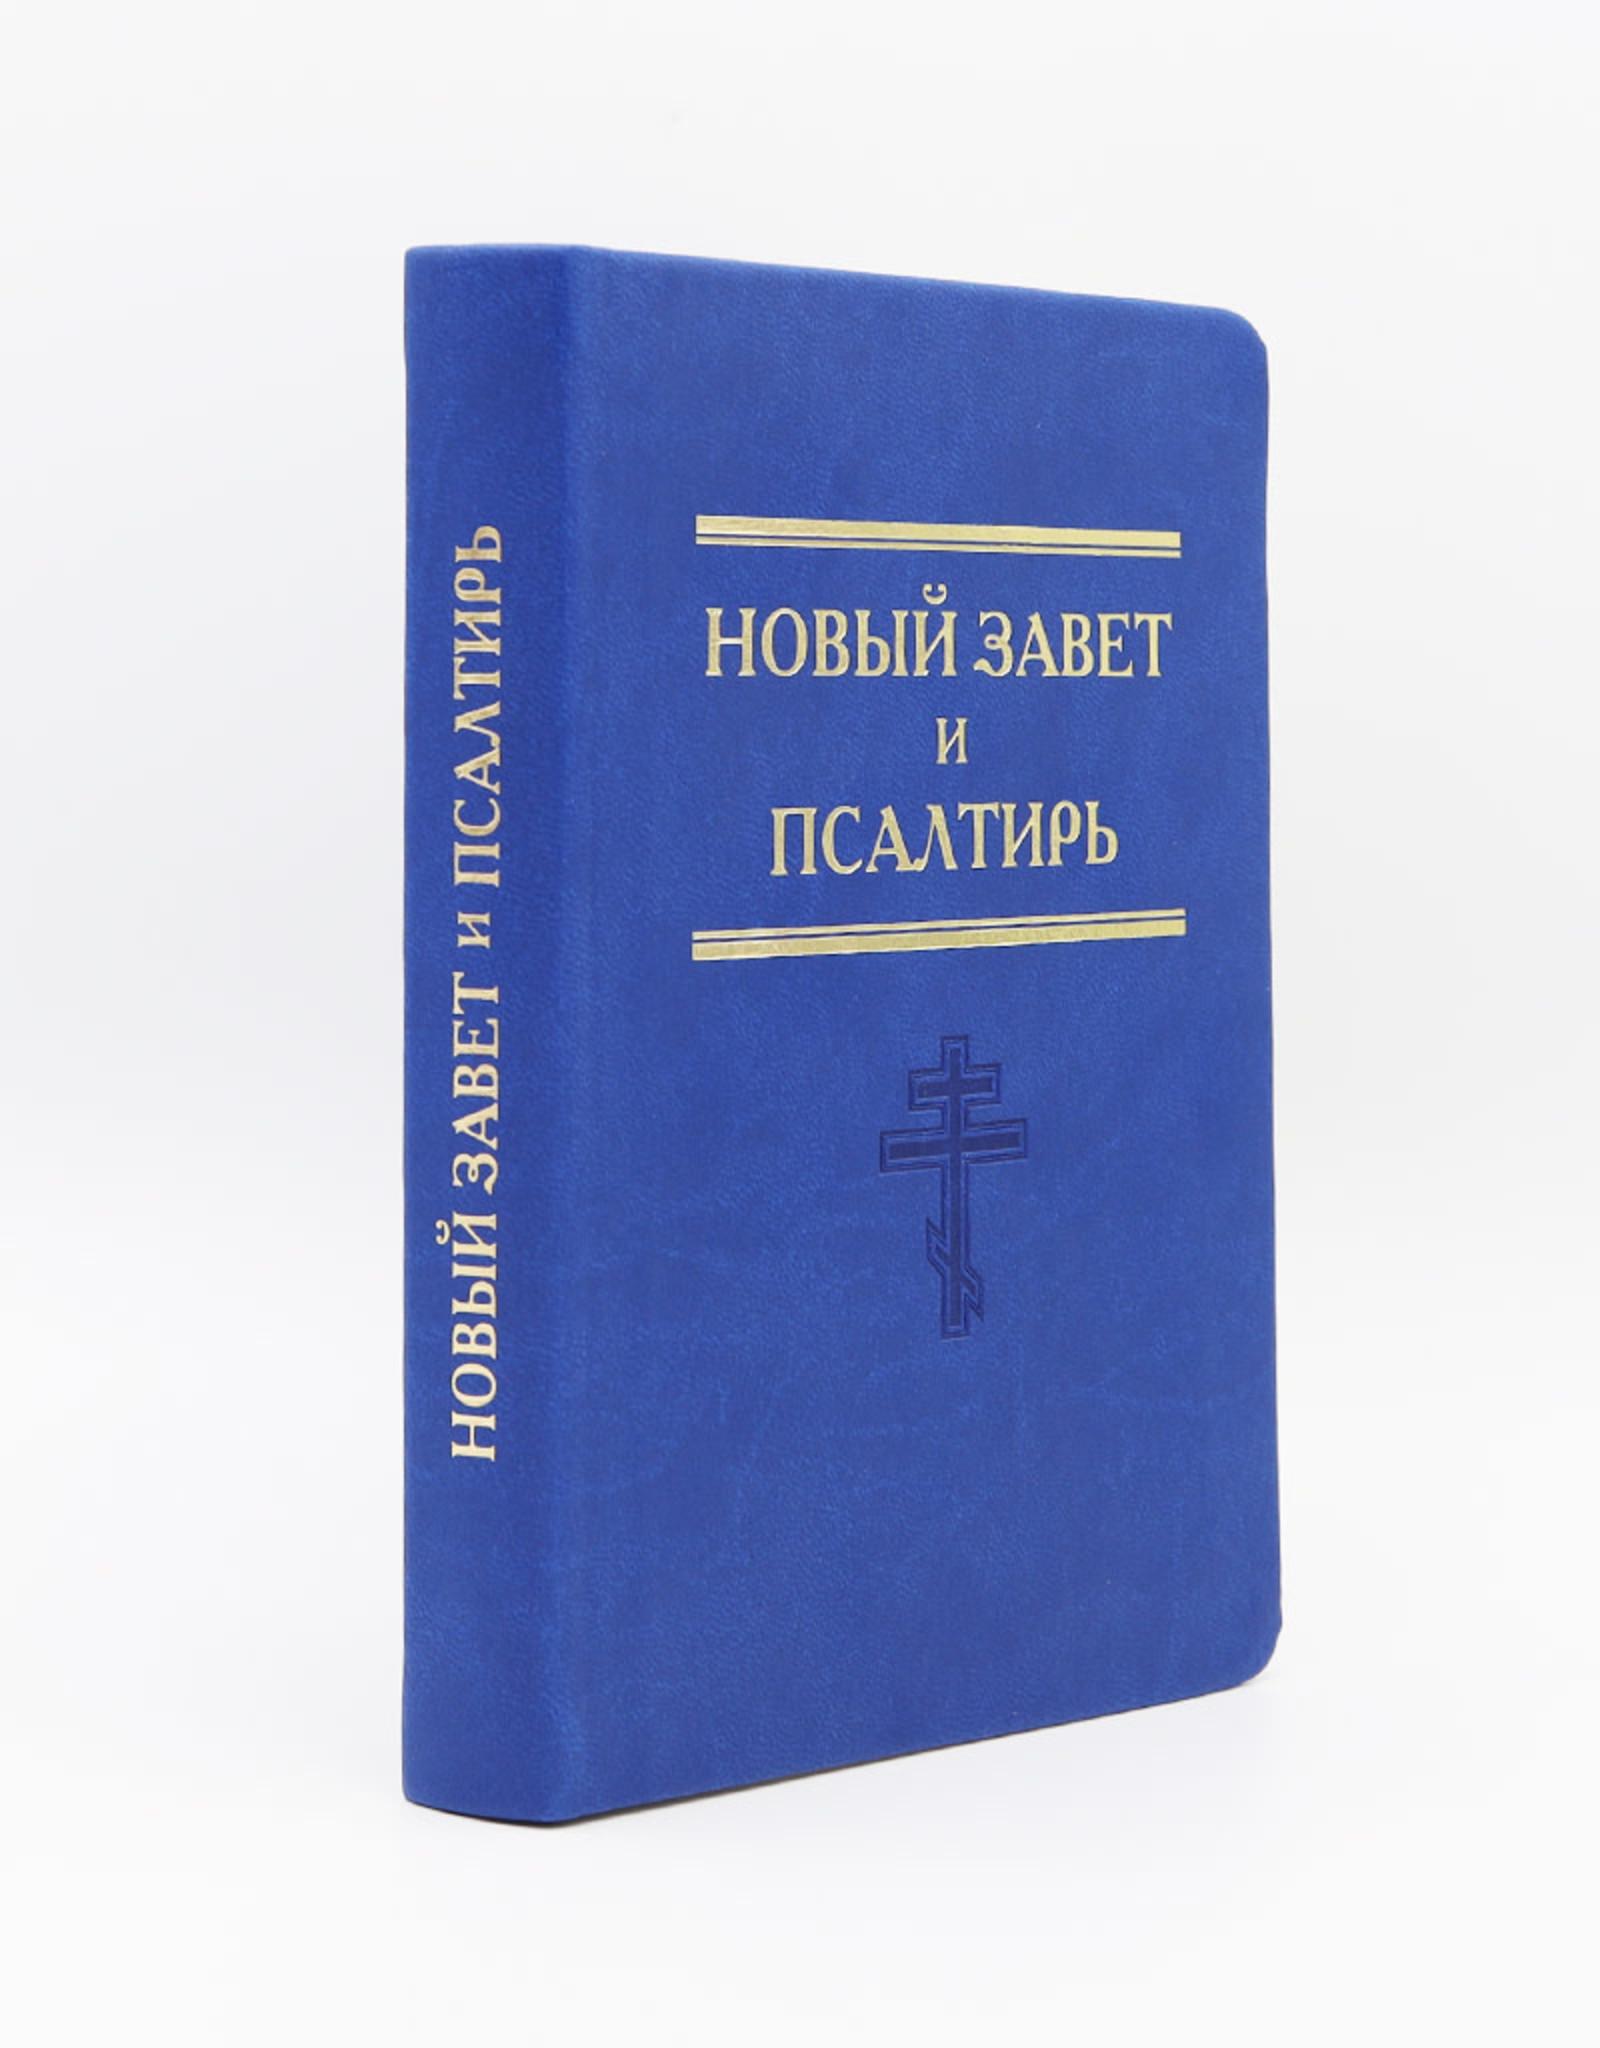 Новый Завет, Псалтирь. Малый Формат